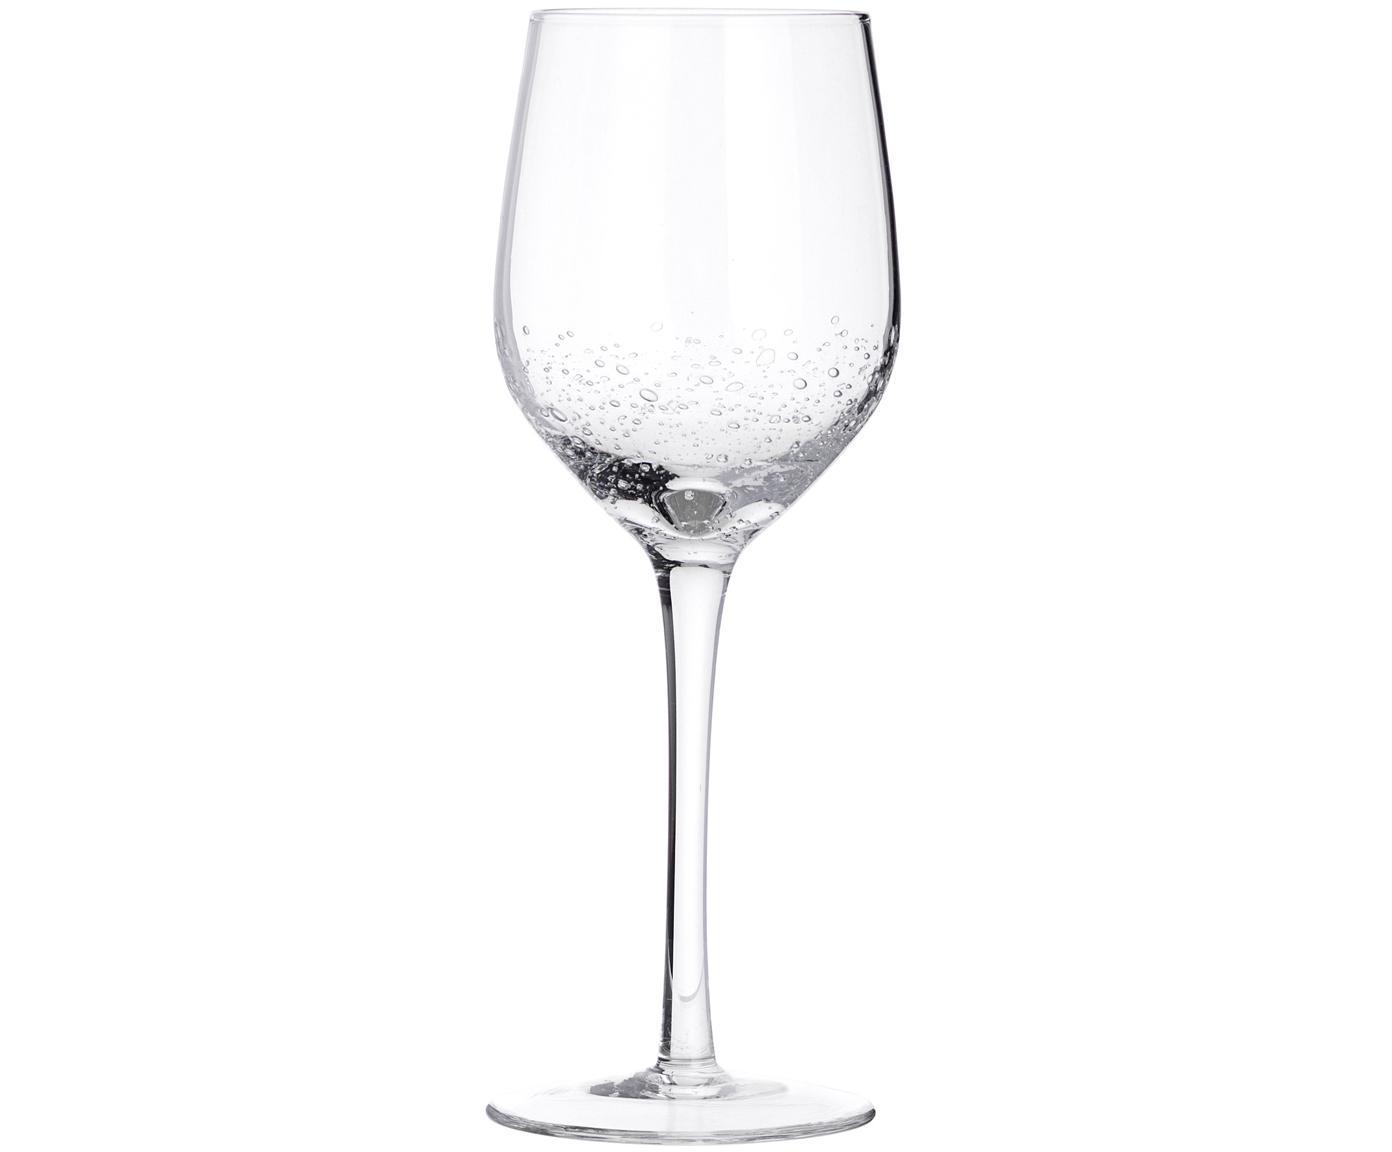 Mundgeblasene Weißweingläser Bubble, 4er-Set, Glas, mundgeblasen, Transparent mit Lufteinschlüssen, Ø 8 x H 21 cm